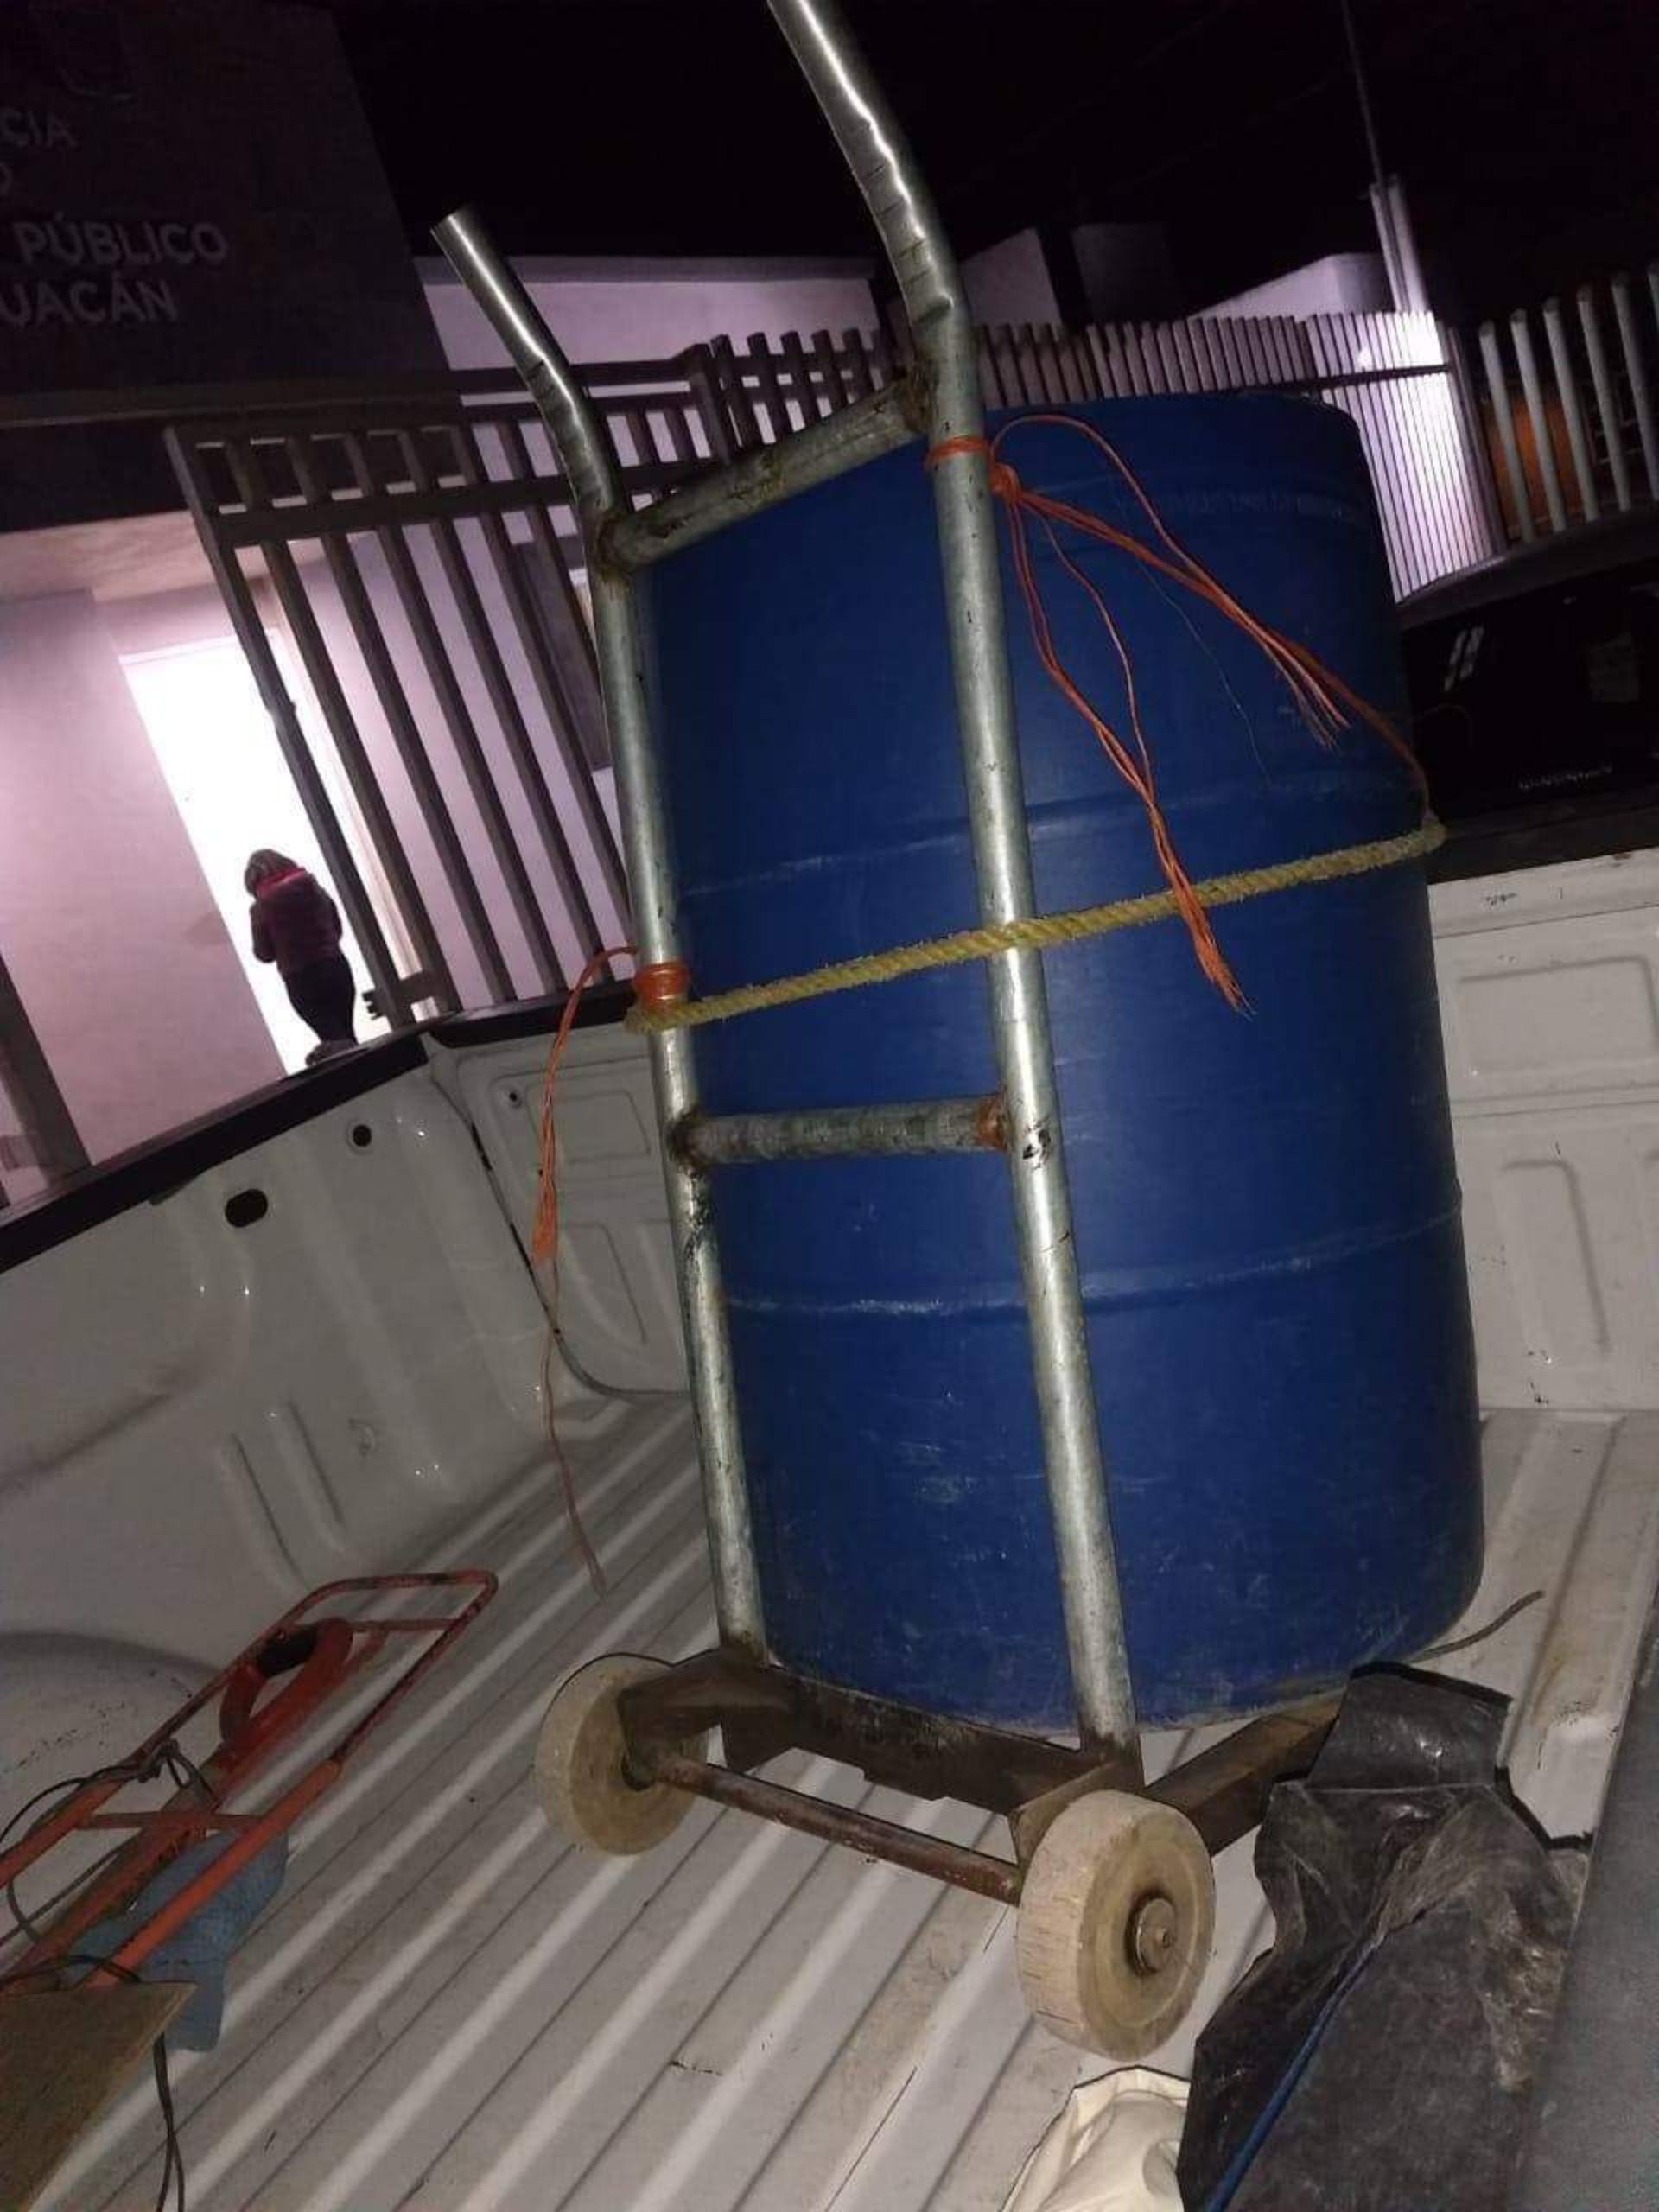 El tambo en el que fue transportado el cadáver de la víctima (Foto: Especial)